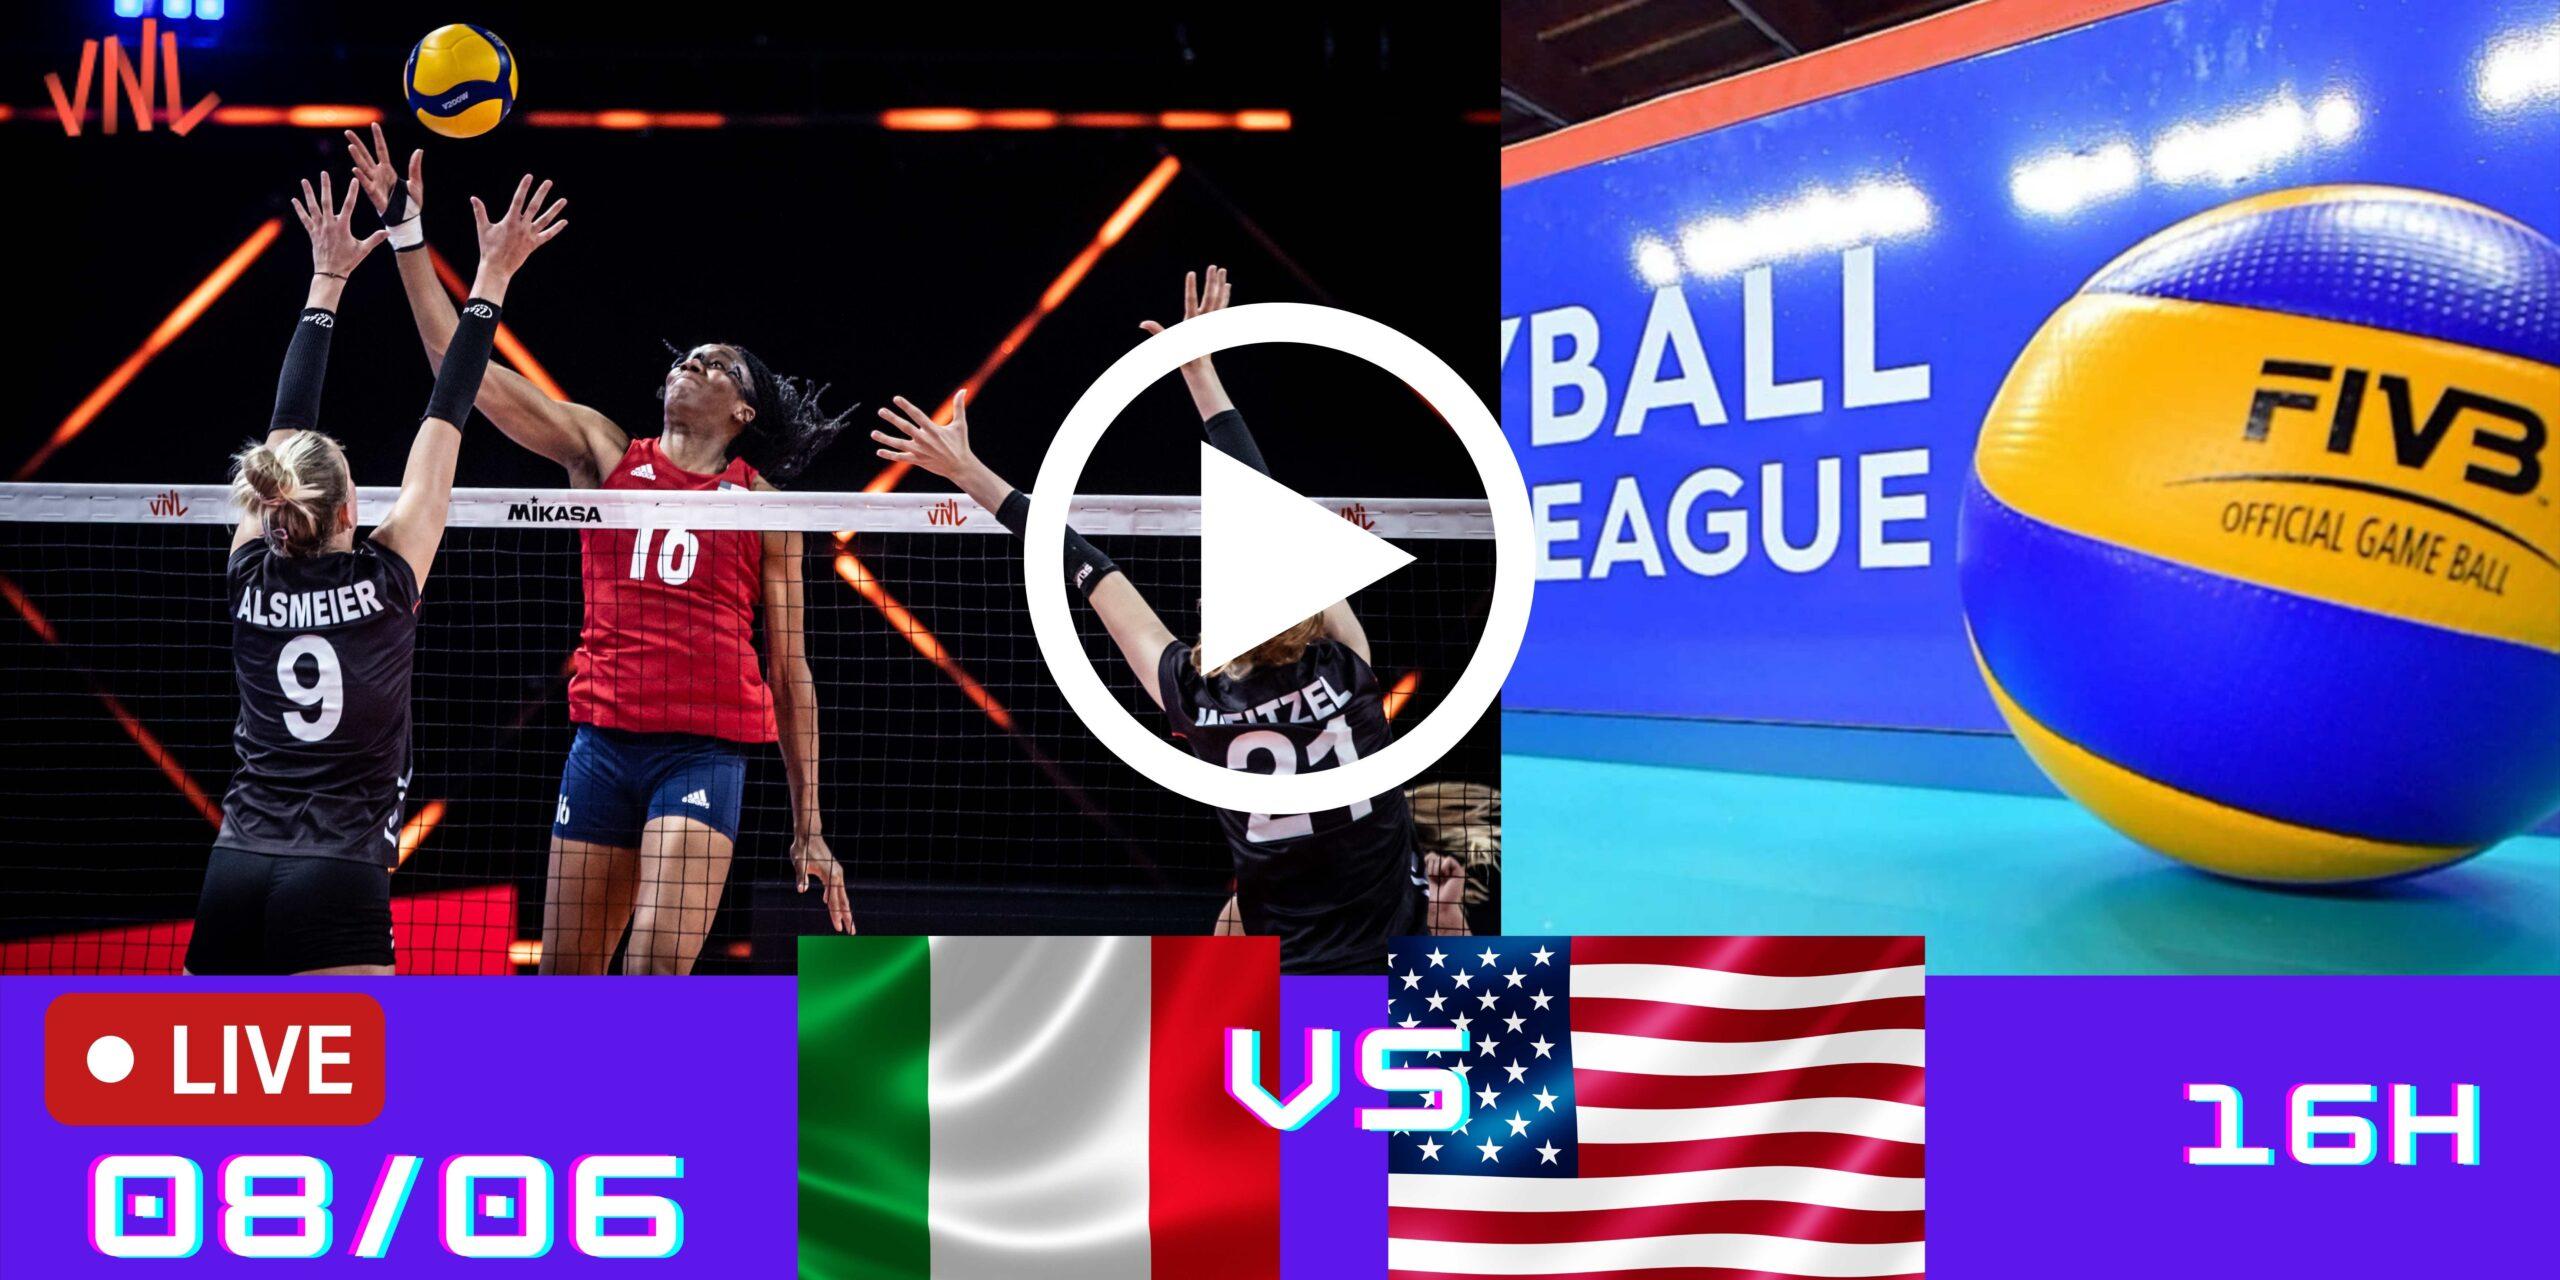 Resultado: Itália 1 vs 3 EUA – Liga das Nações – 08/06/2021